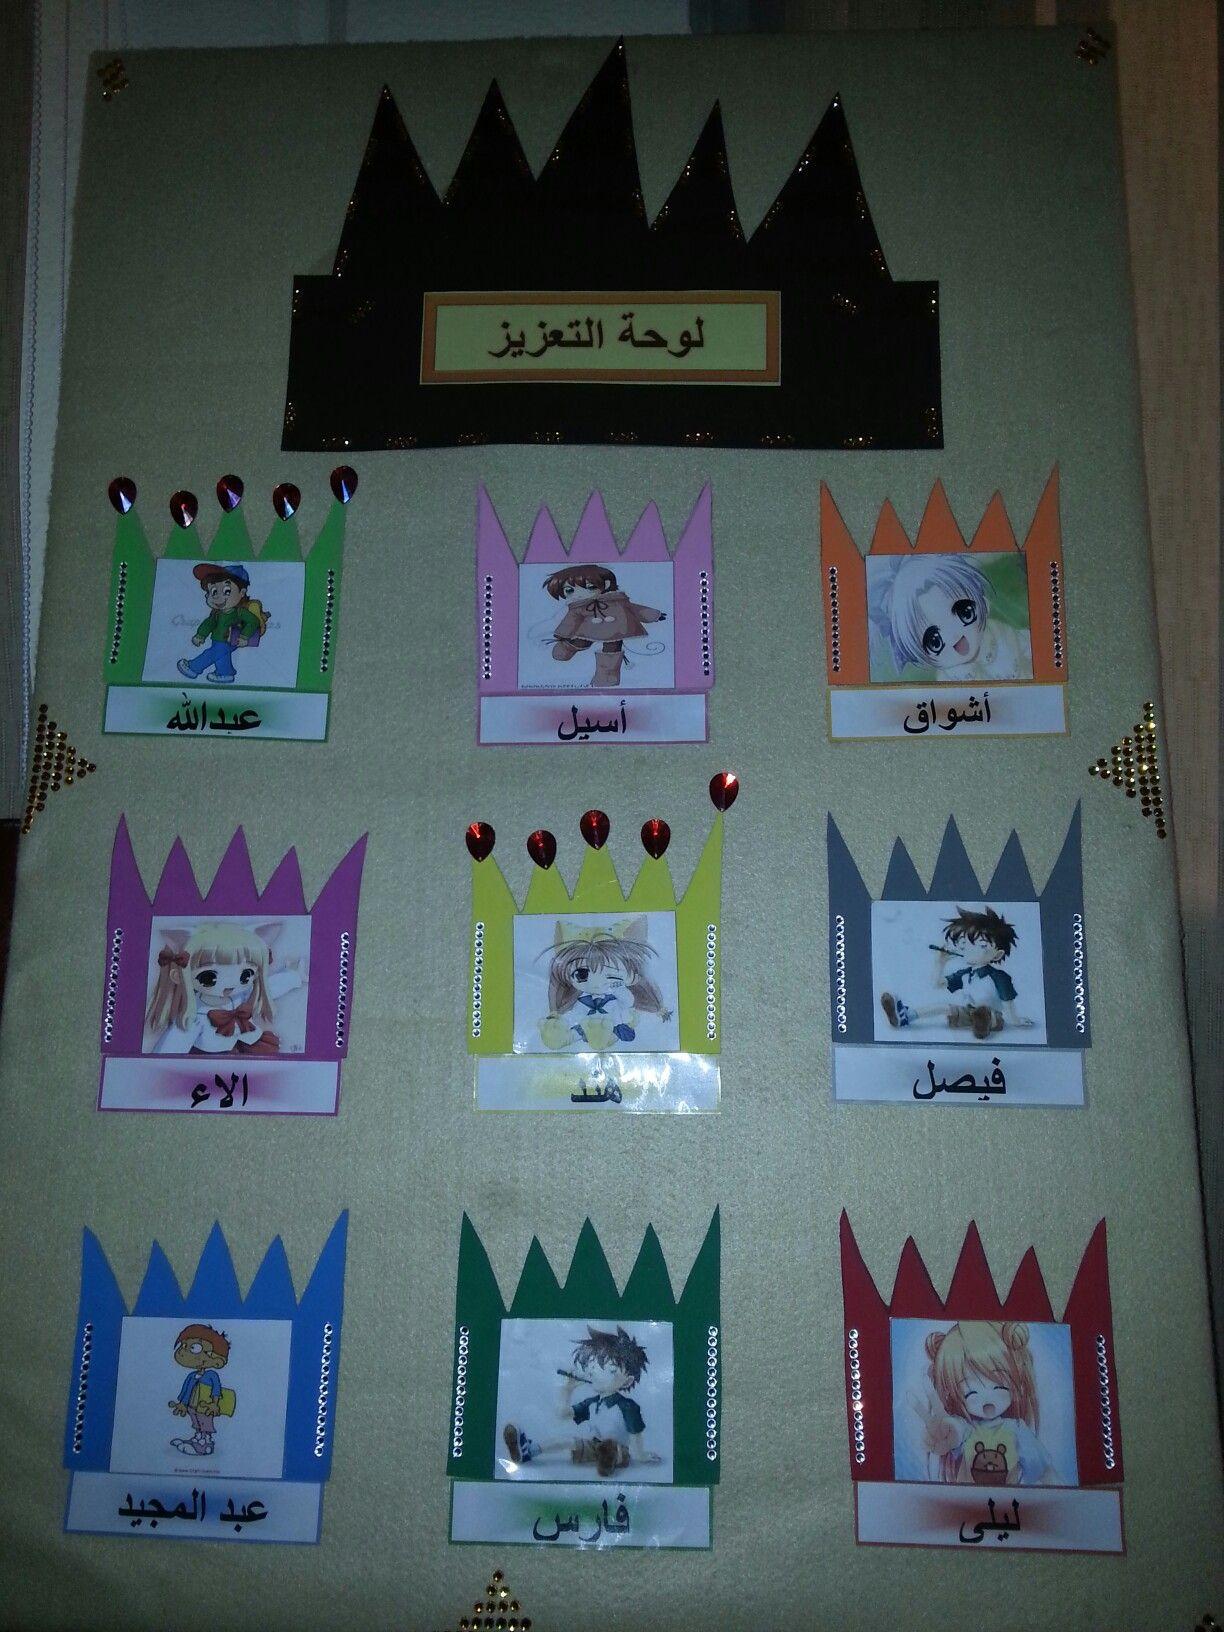 لوحة تعزيز اعدت في مادة وسائل تعليميه مع استاذه ميساء فكرة اللوحة يوضع للطفل Alphabet Activities Kindergarten Kids Learning Activities Alphabet Activities